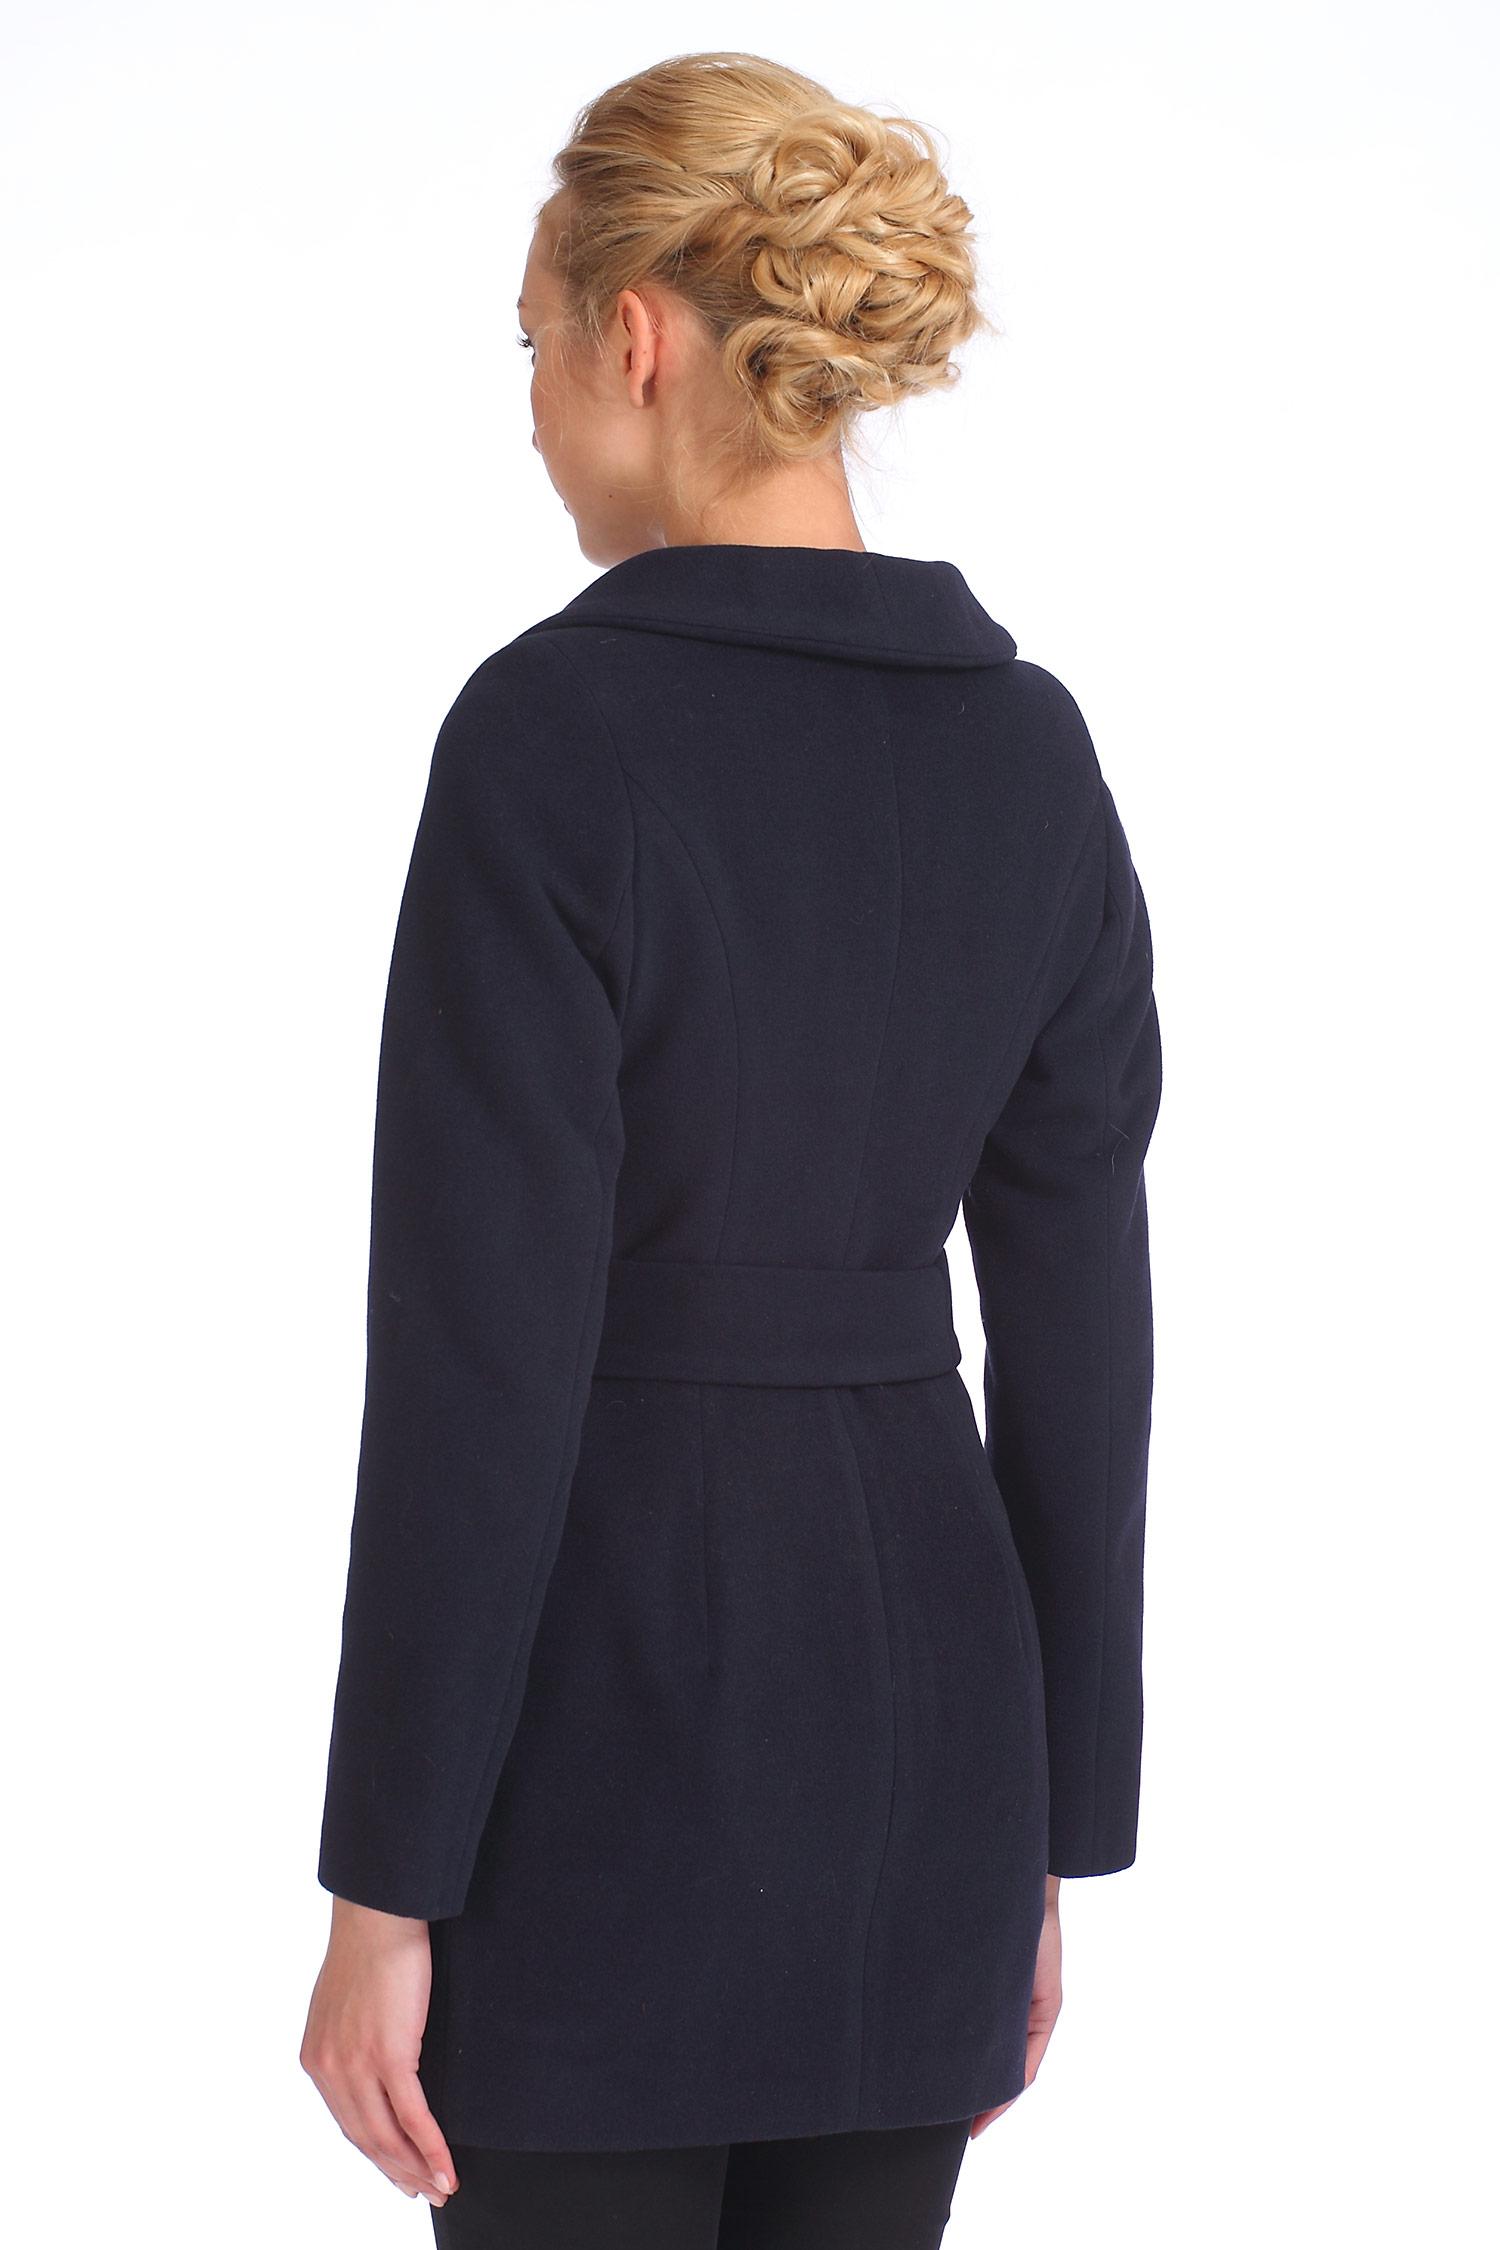 Фото 2 - Женское пальто из текстиля с воротником от МОСМЕХА синего цвета